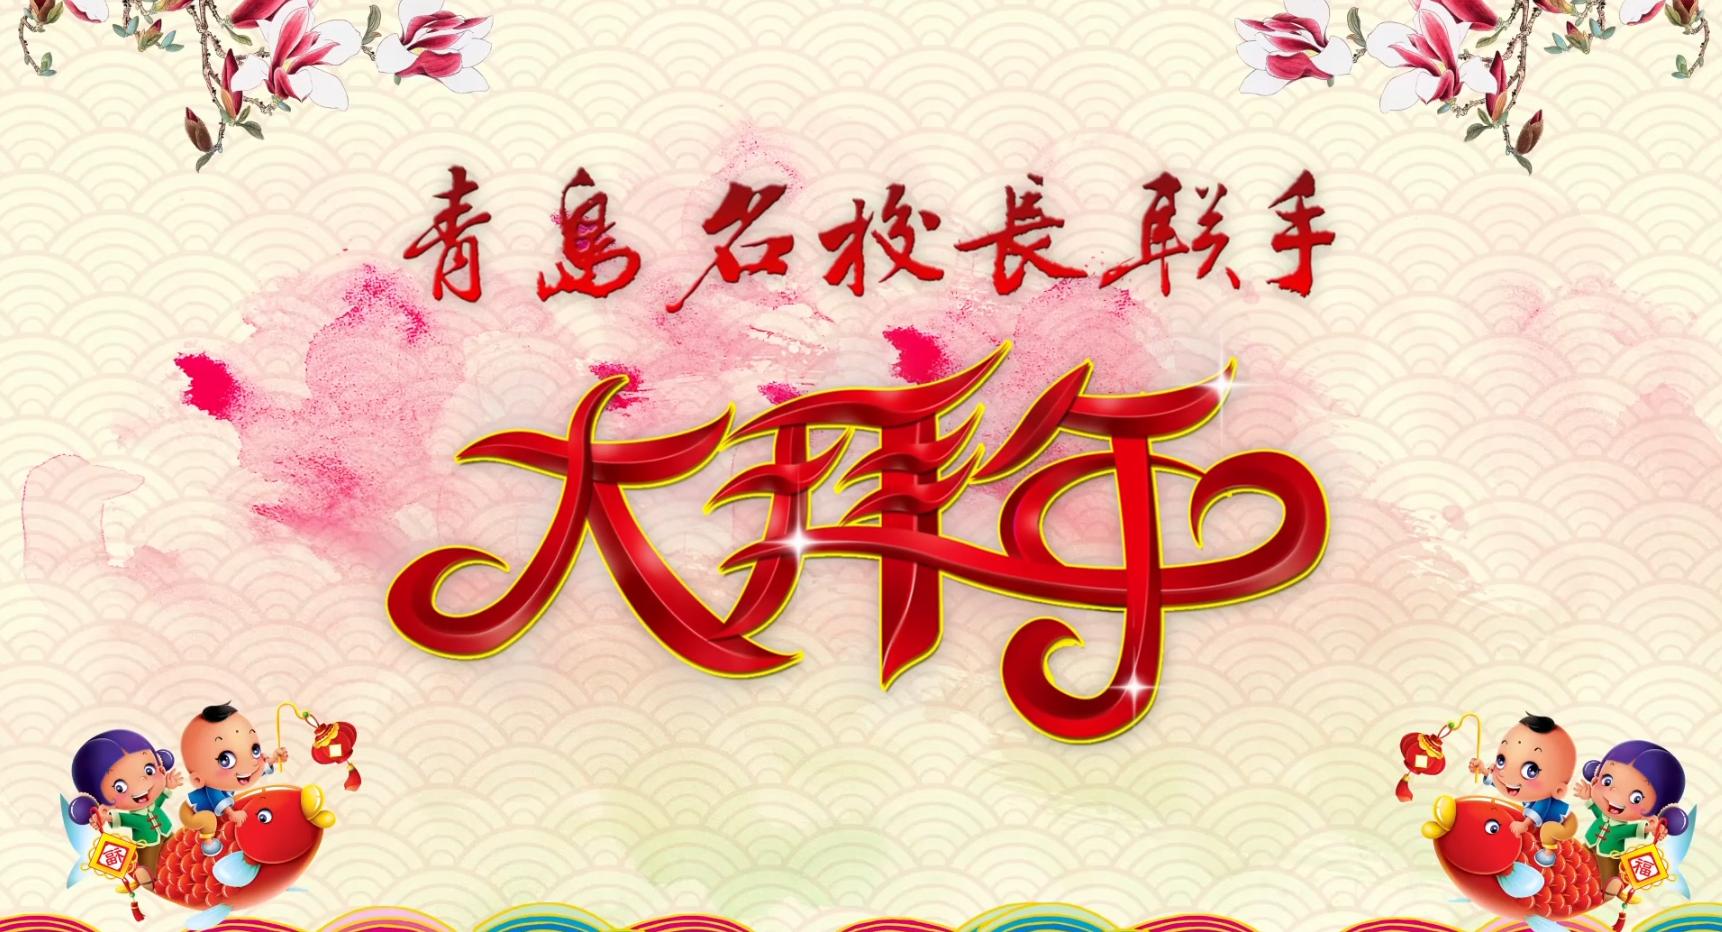 【视频】新年快乐!青岛名校长联手大拜年!